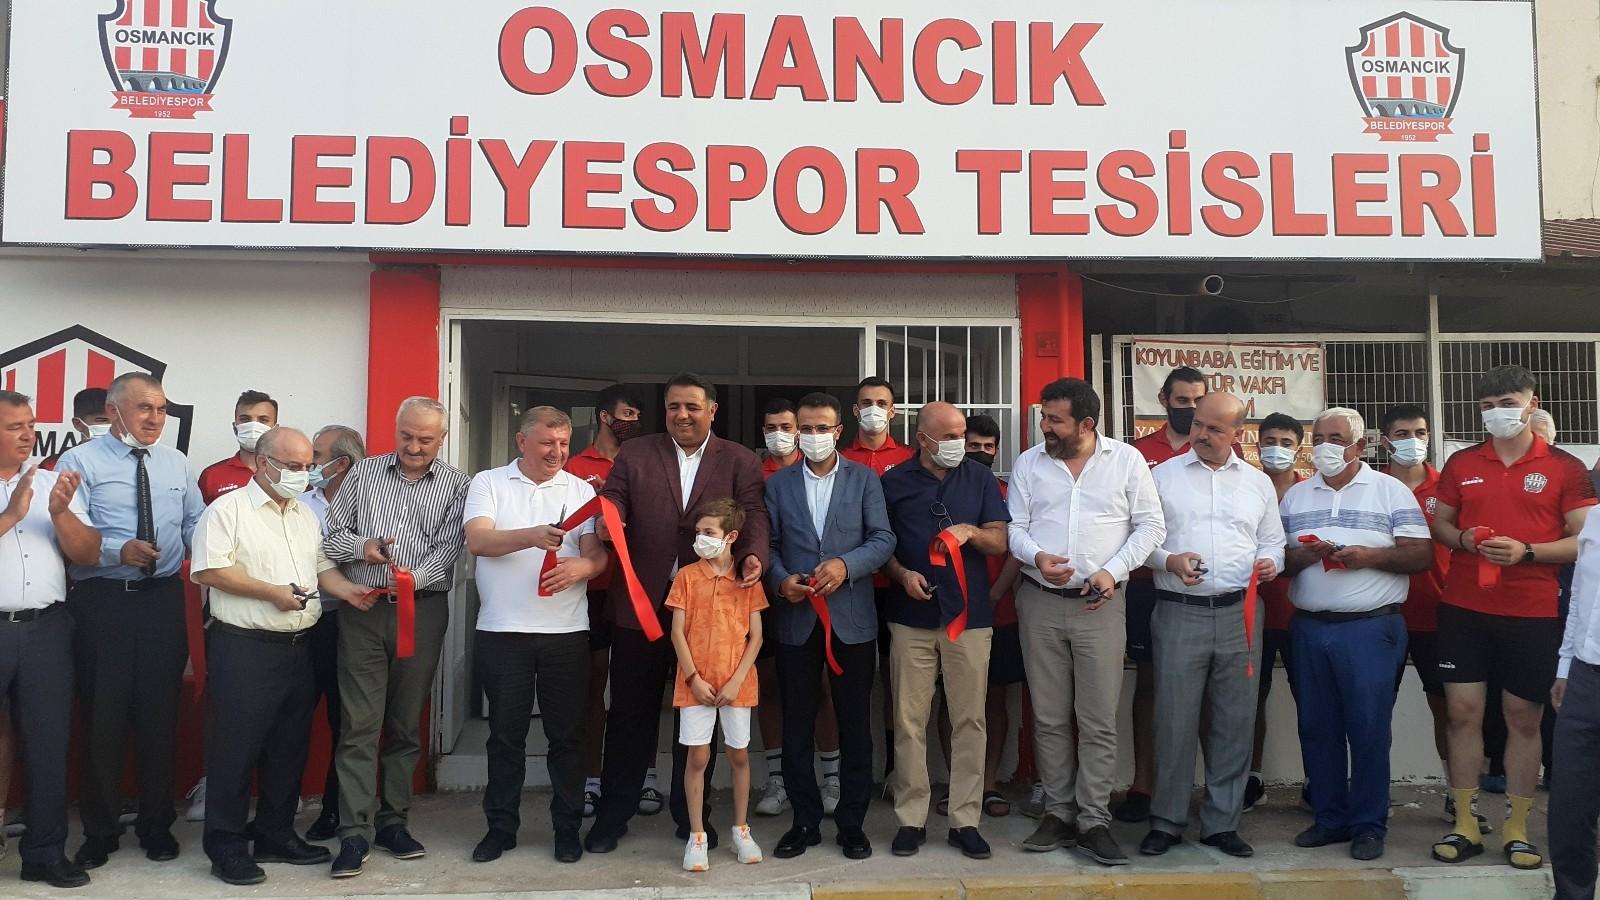 Osmancık'ta yapımı tamamlanan belediyespor sosyal tesisleri hizmete açıldı